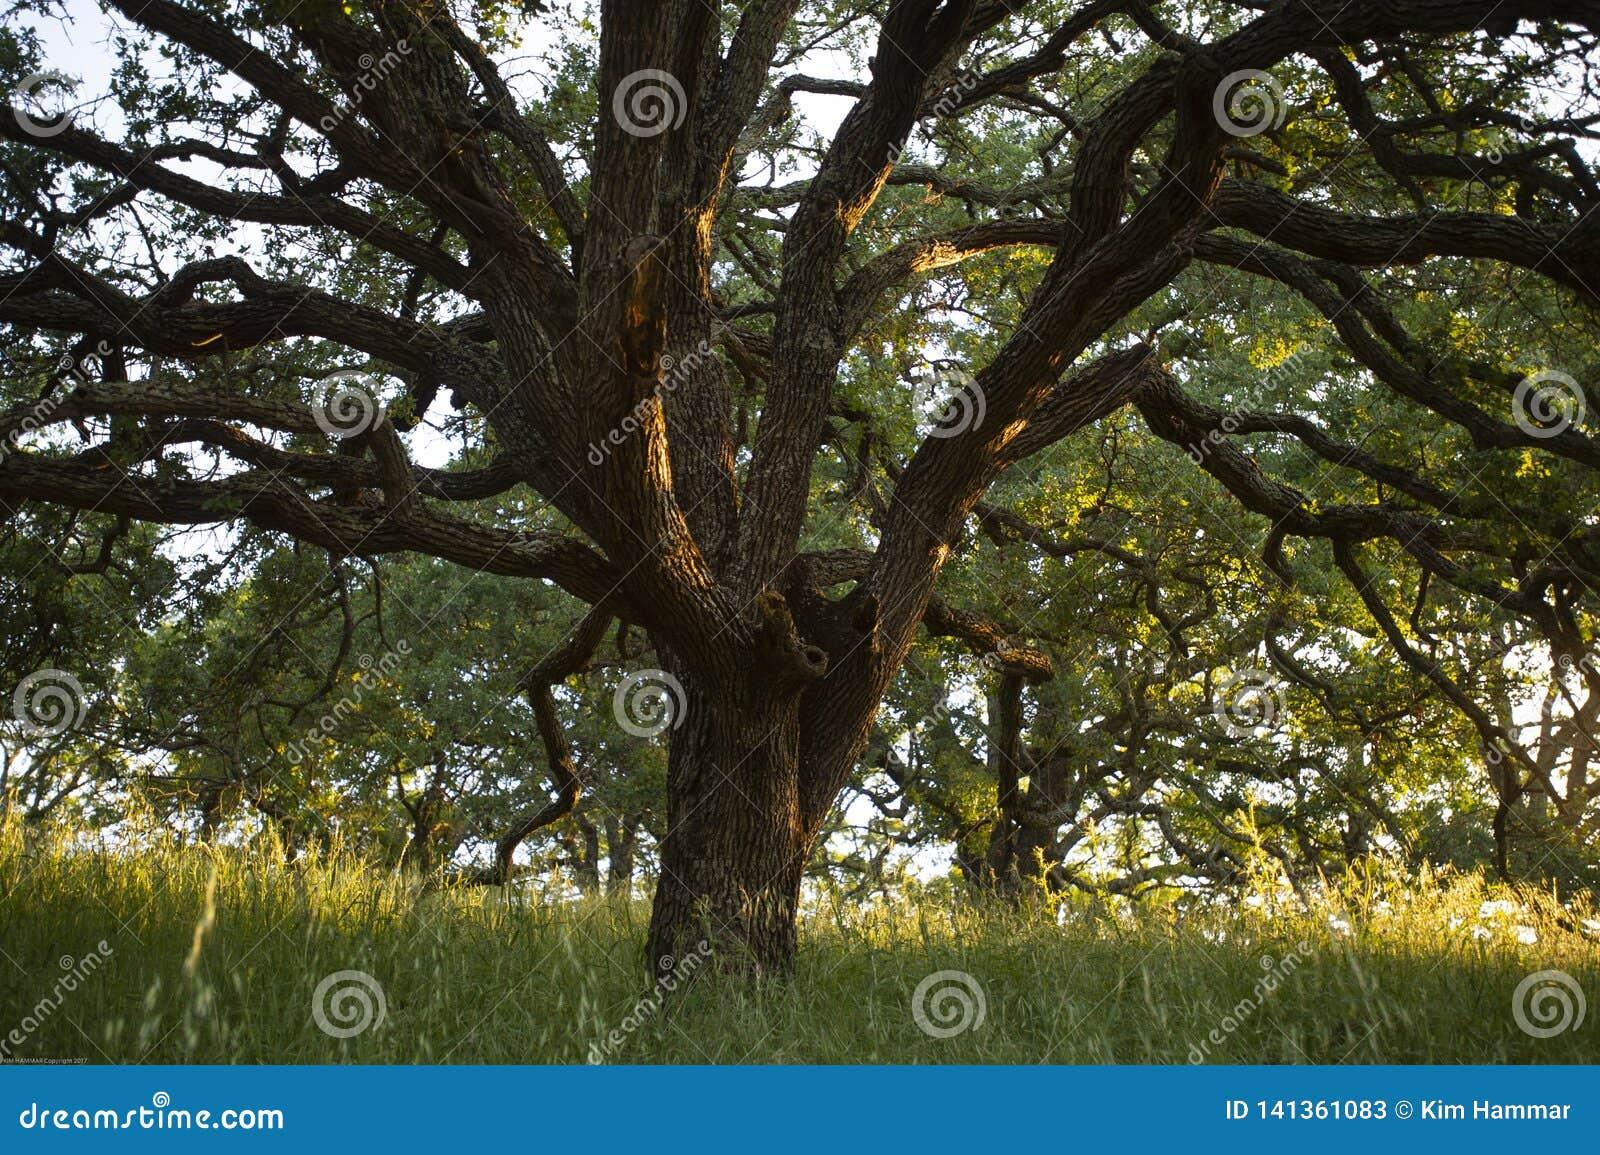 Wczesnego poranku światło słoneczne podkreśla majestatycznego błękitnego dębowego drzewa w lasach góra Wanda